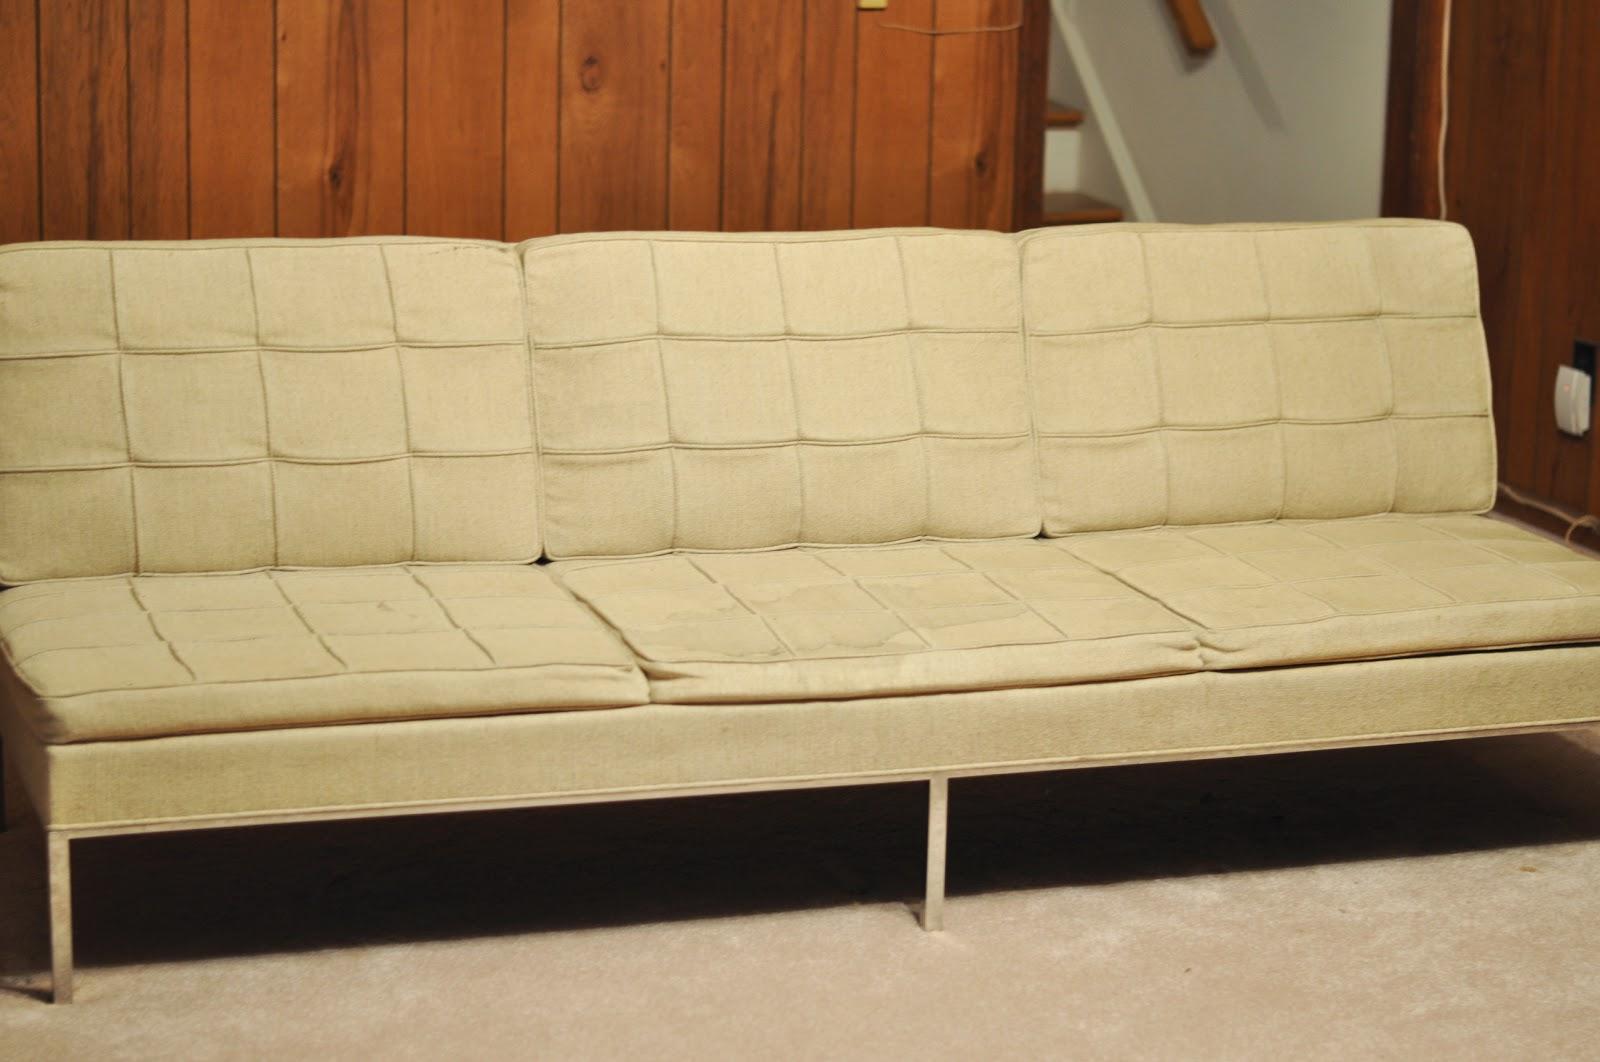 vintage knoll sofa vintage florence knoll parallel bar. Black Bedroom Furniture Sets. Home Design Ideas